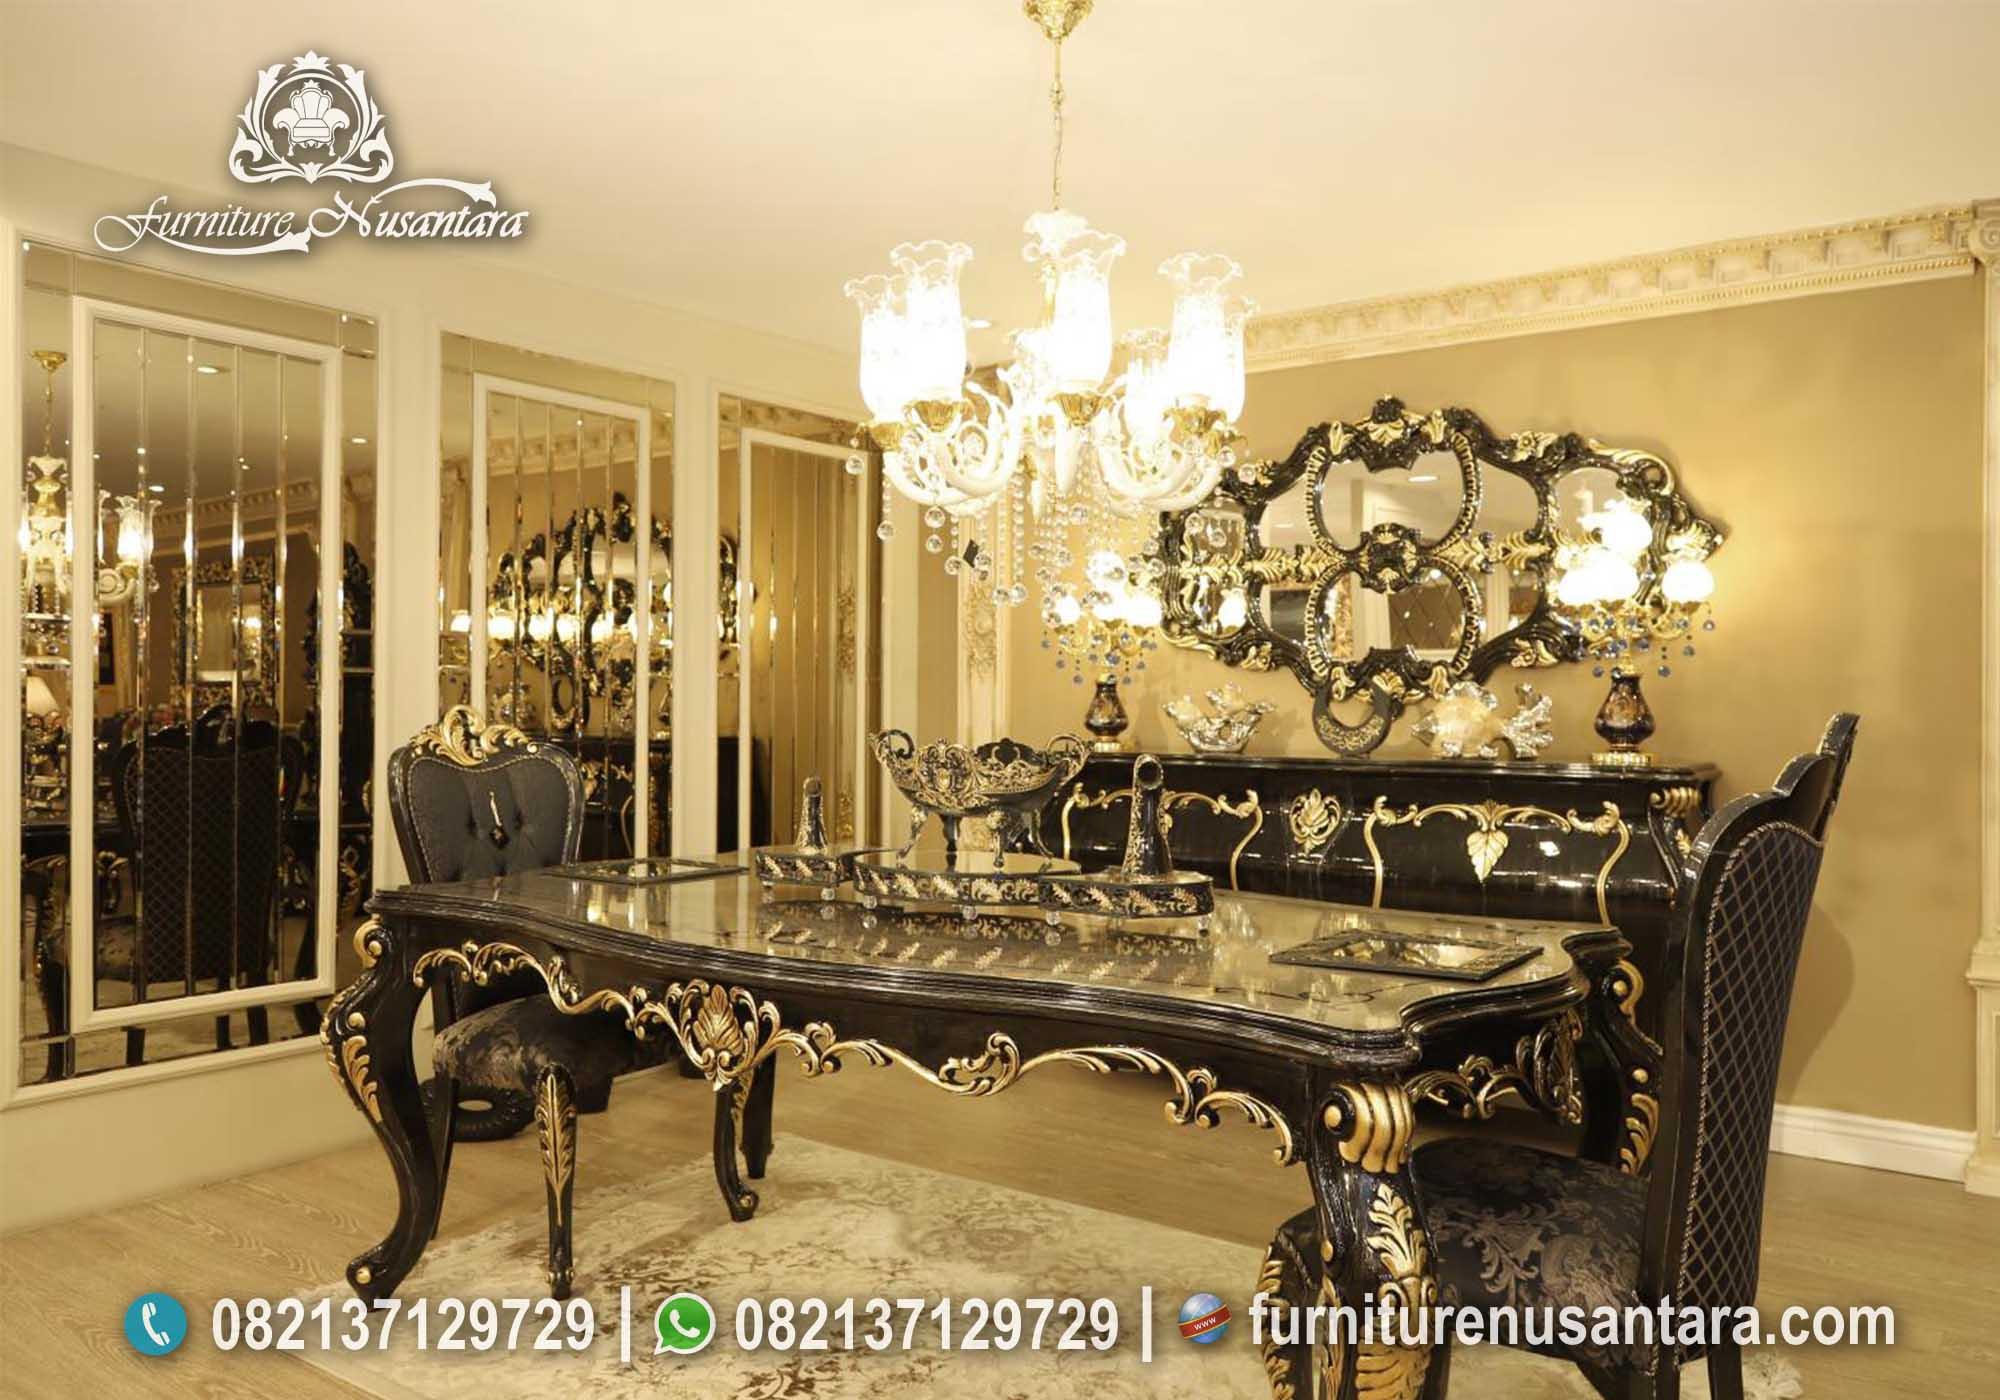 Meja Makan Klasik Black Colour Terbaik MM-25, Furniture Nusantara